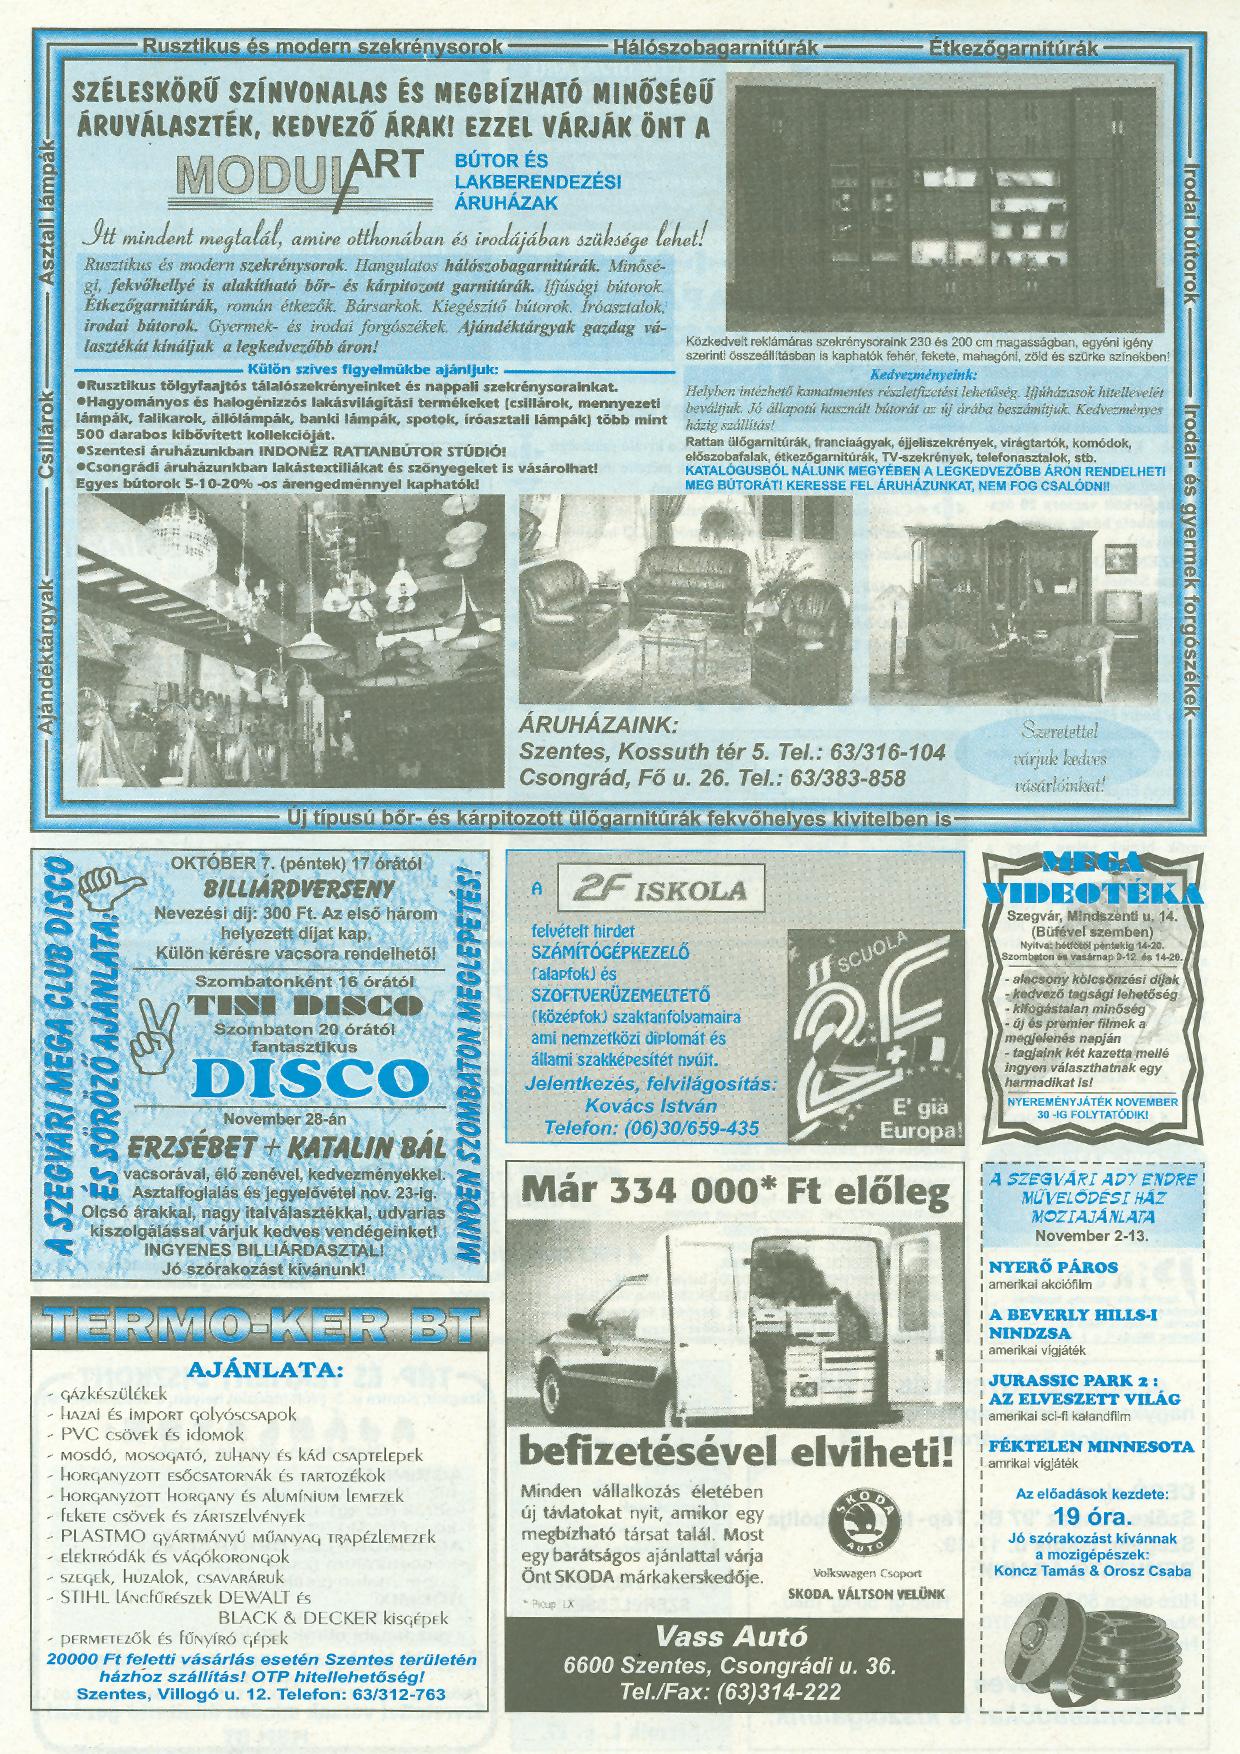 042 Tuti Tipp reklámújság - 19971101-073. lapszám - 2.oldal - III. évfolyam.jpg